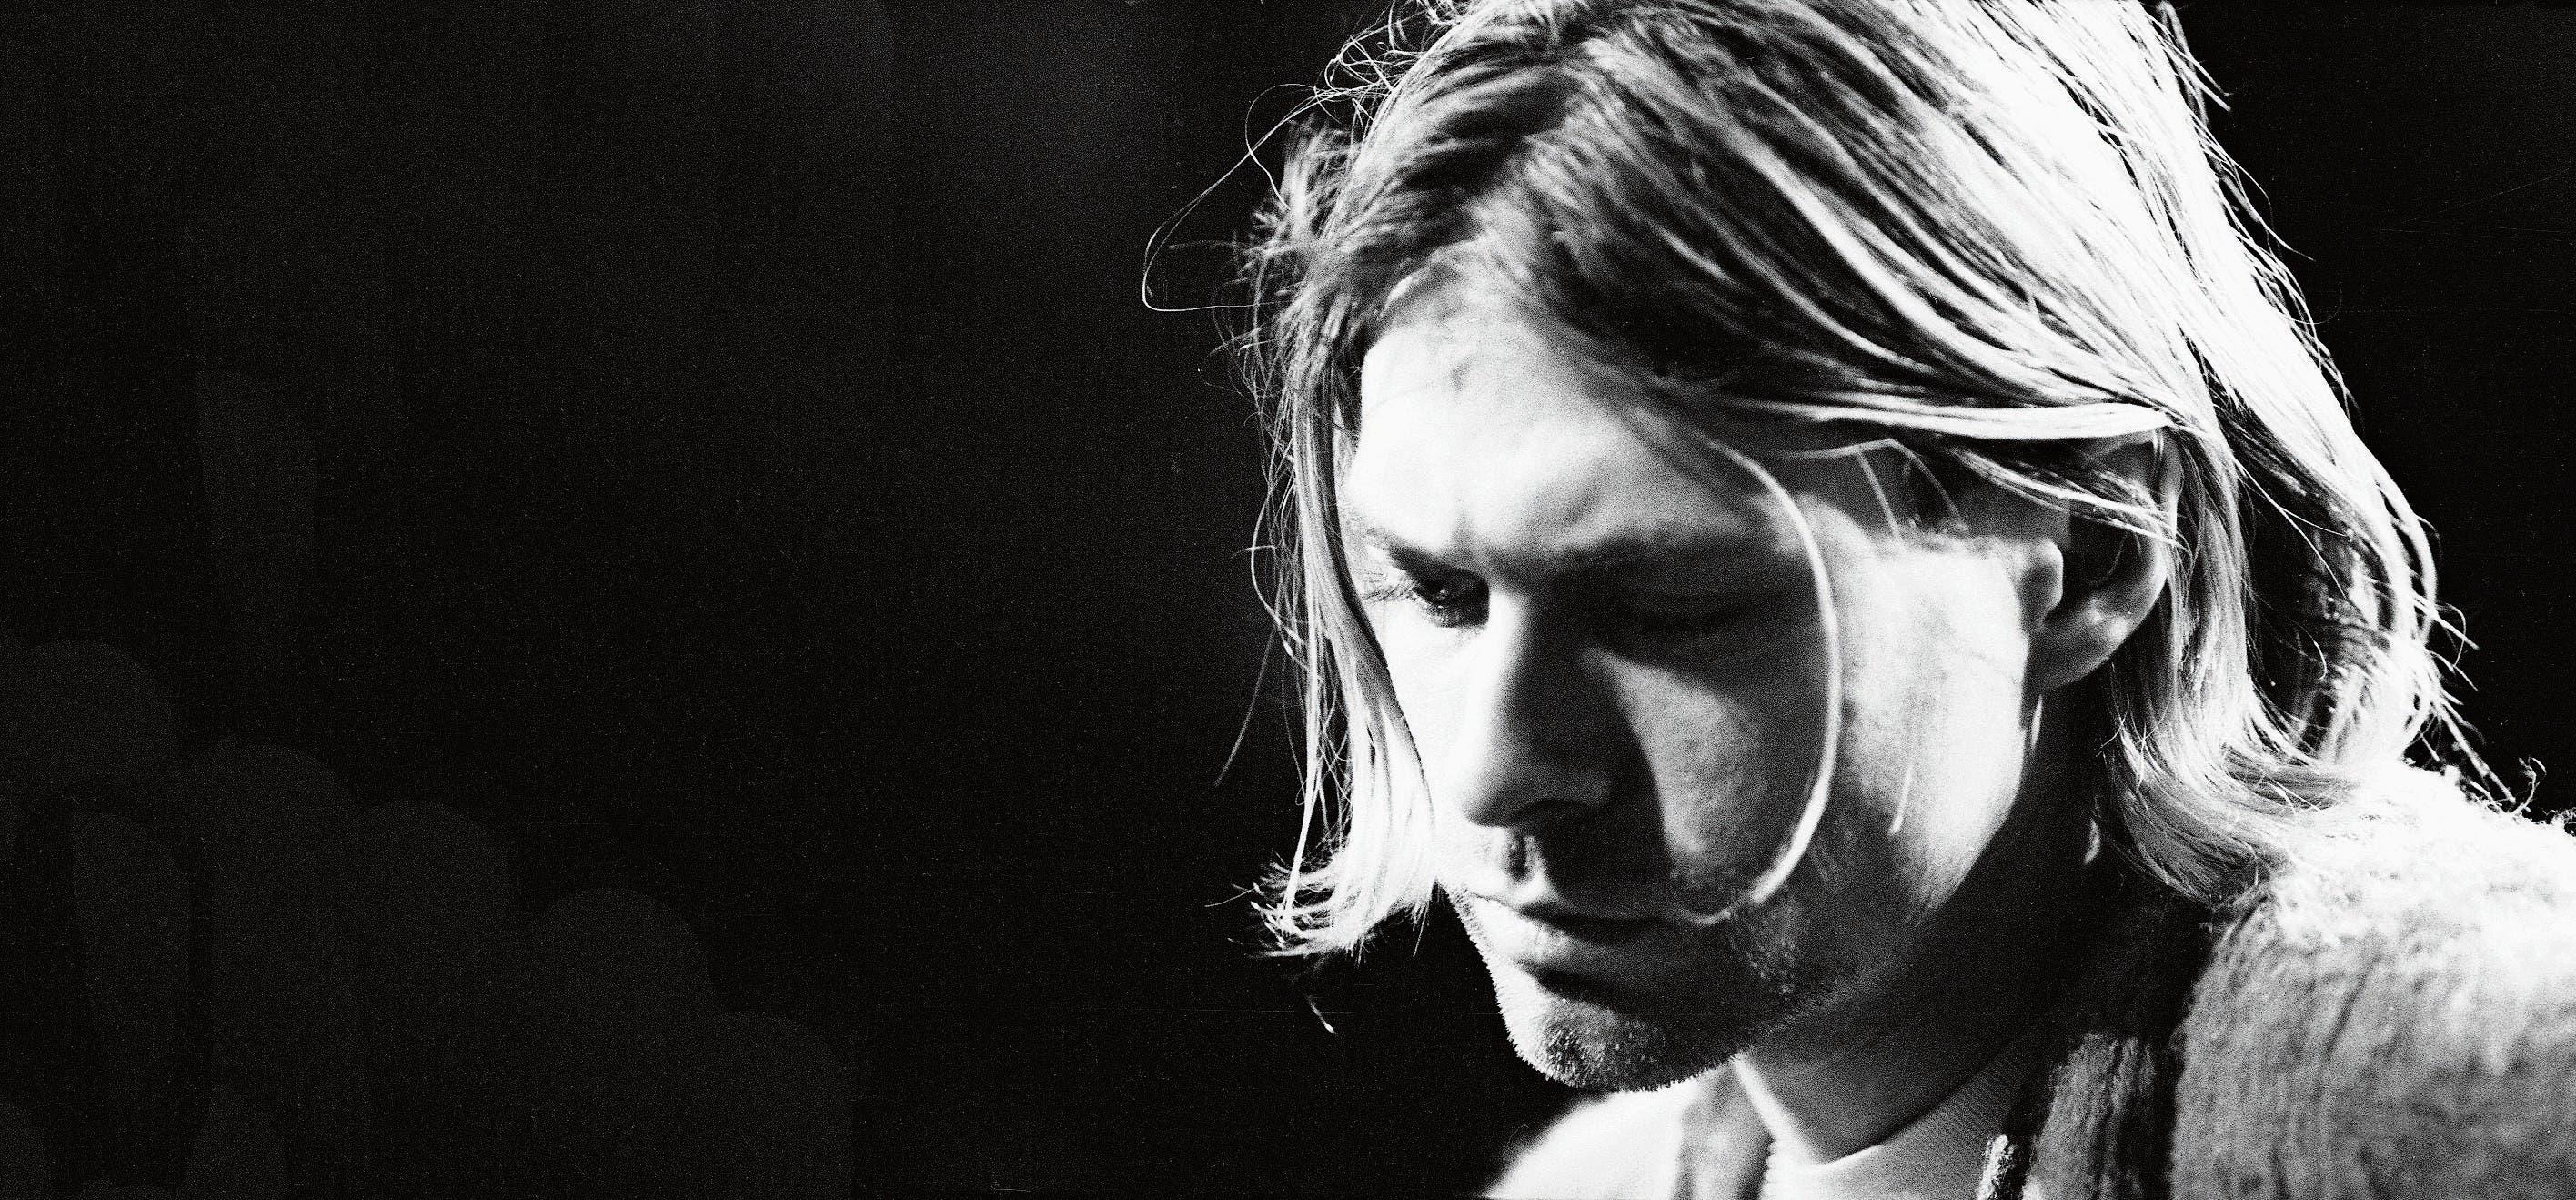 Vor 25 Jahren nahm sich Kurt Cobain im Alter von gerade einmal 27 Jahren das Leben. (Bild: Frank Micelotta/Getty (New York, 18. November 1993))